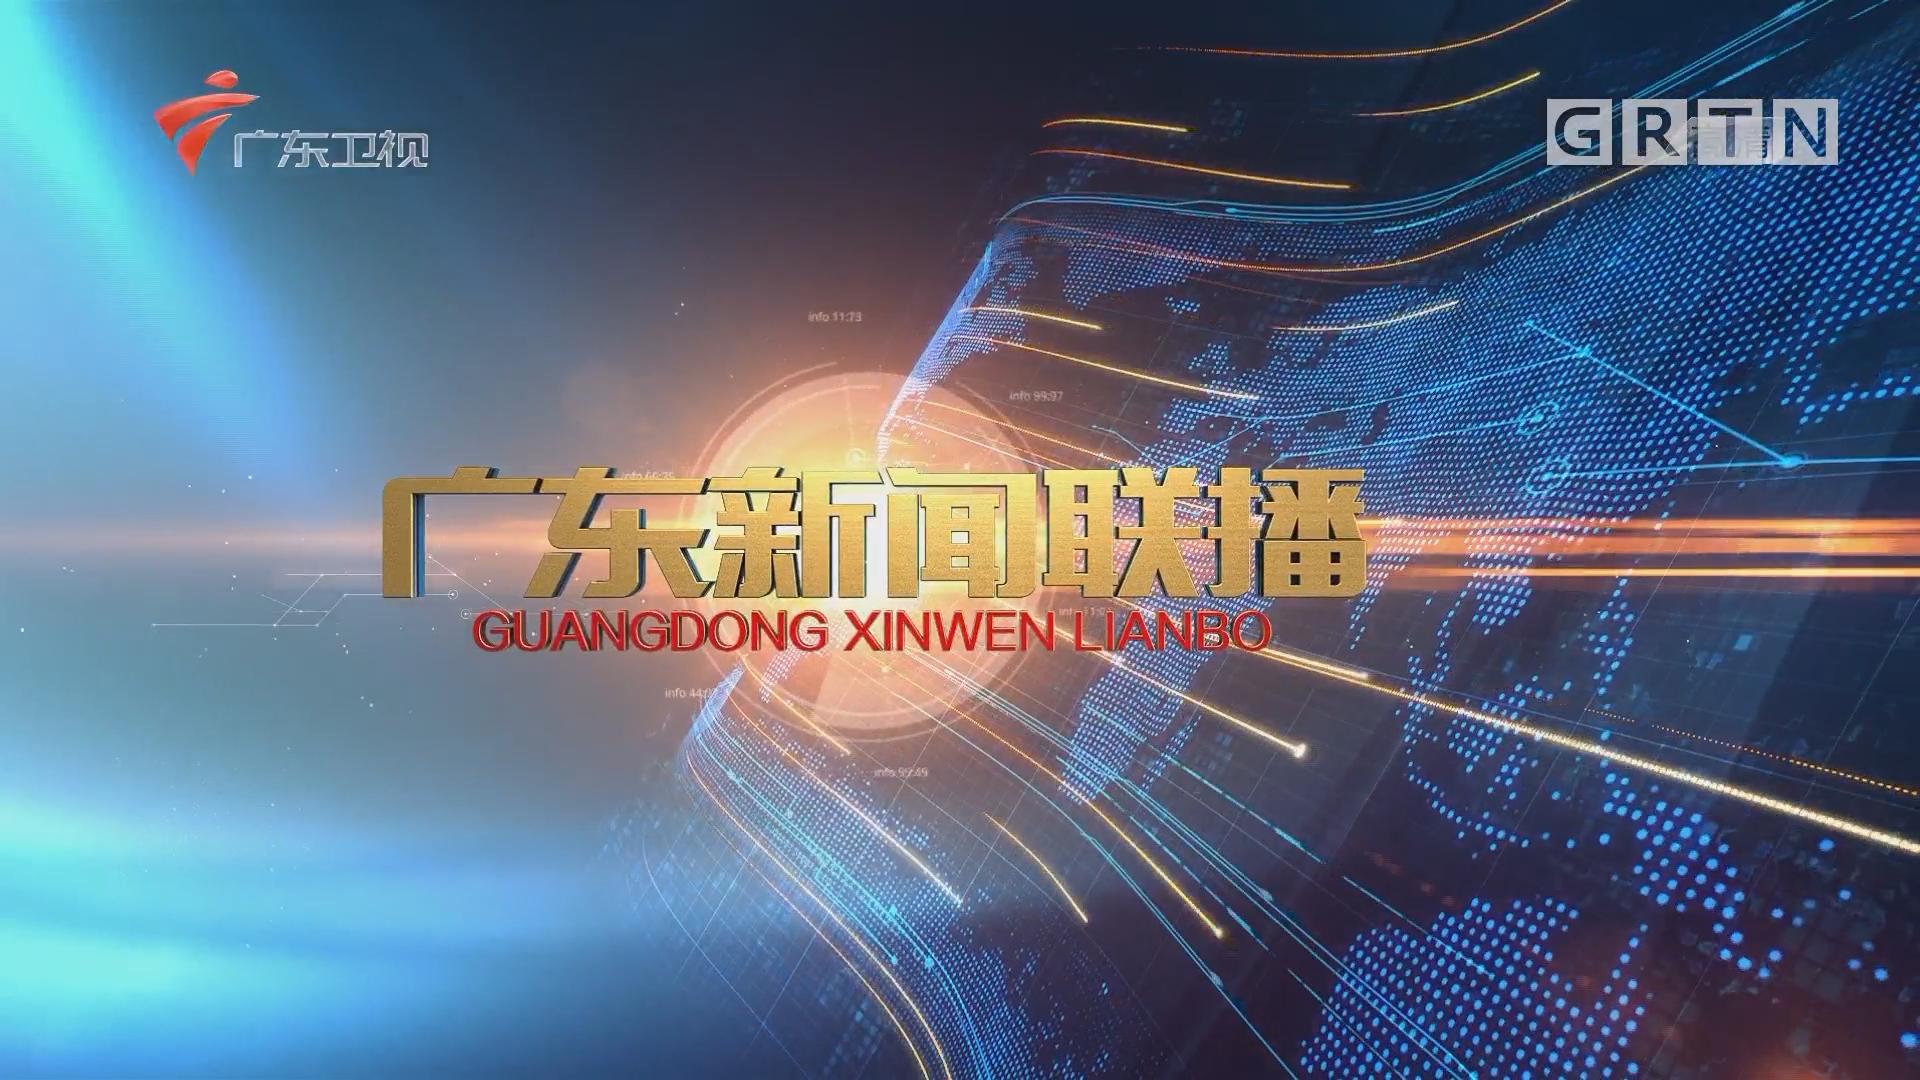 [HD][2018-10-25]广东新闻联播:广东:不断开创共建共治共享社会治理新格局